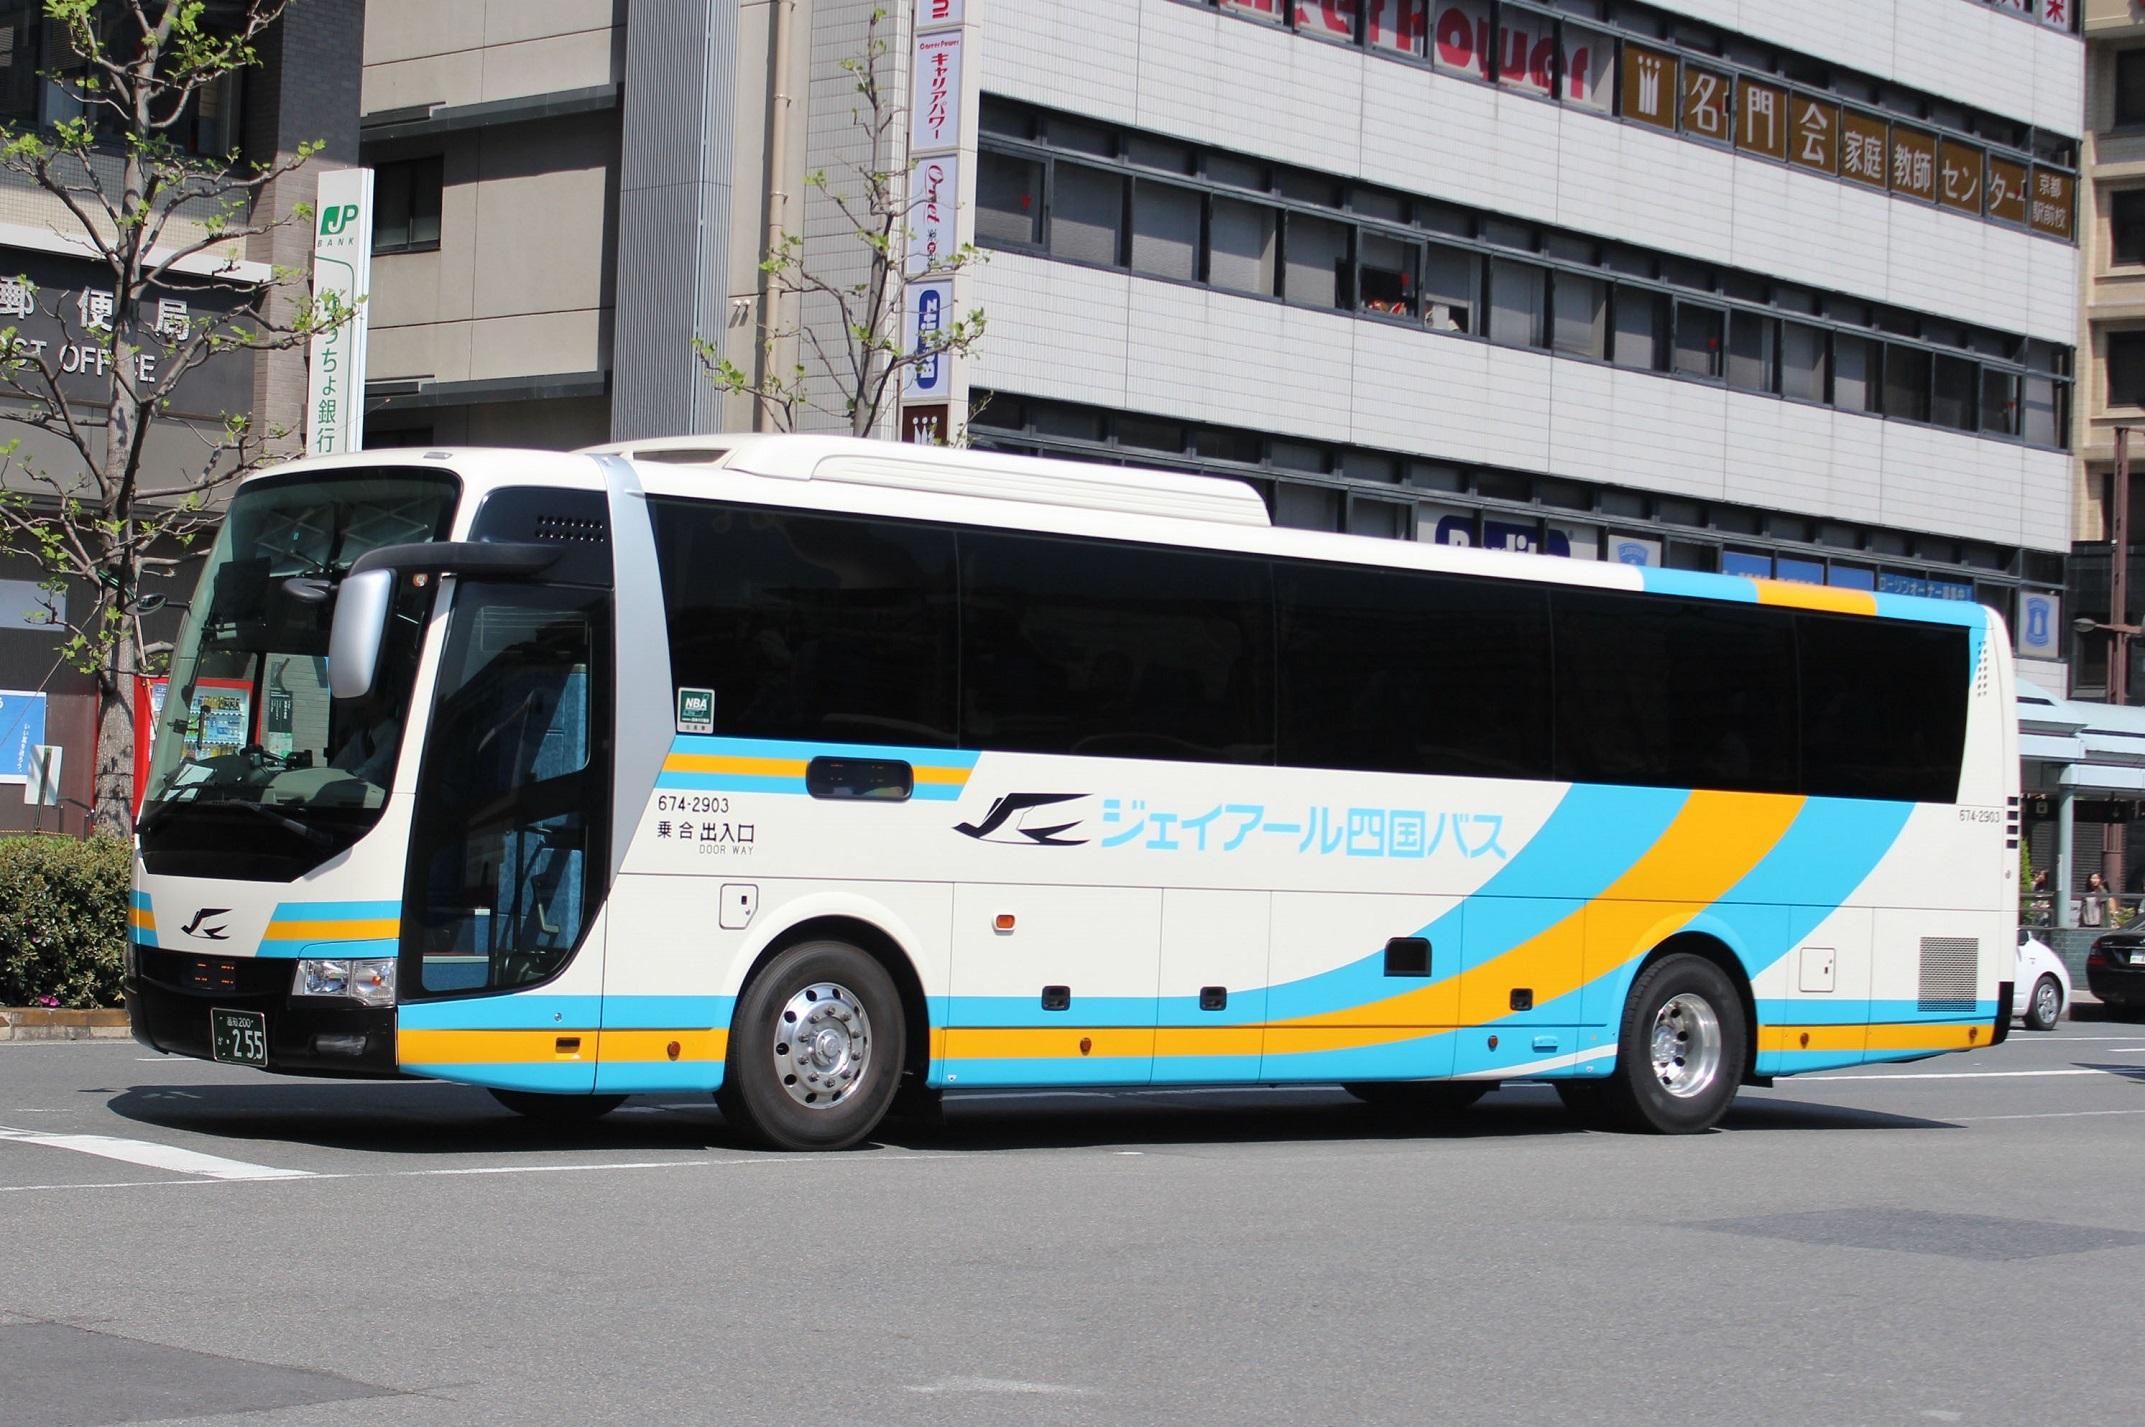 JR四国バス 674-2903